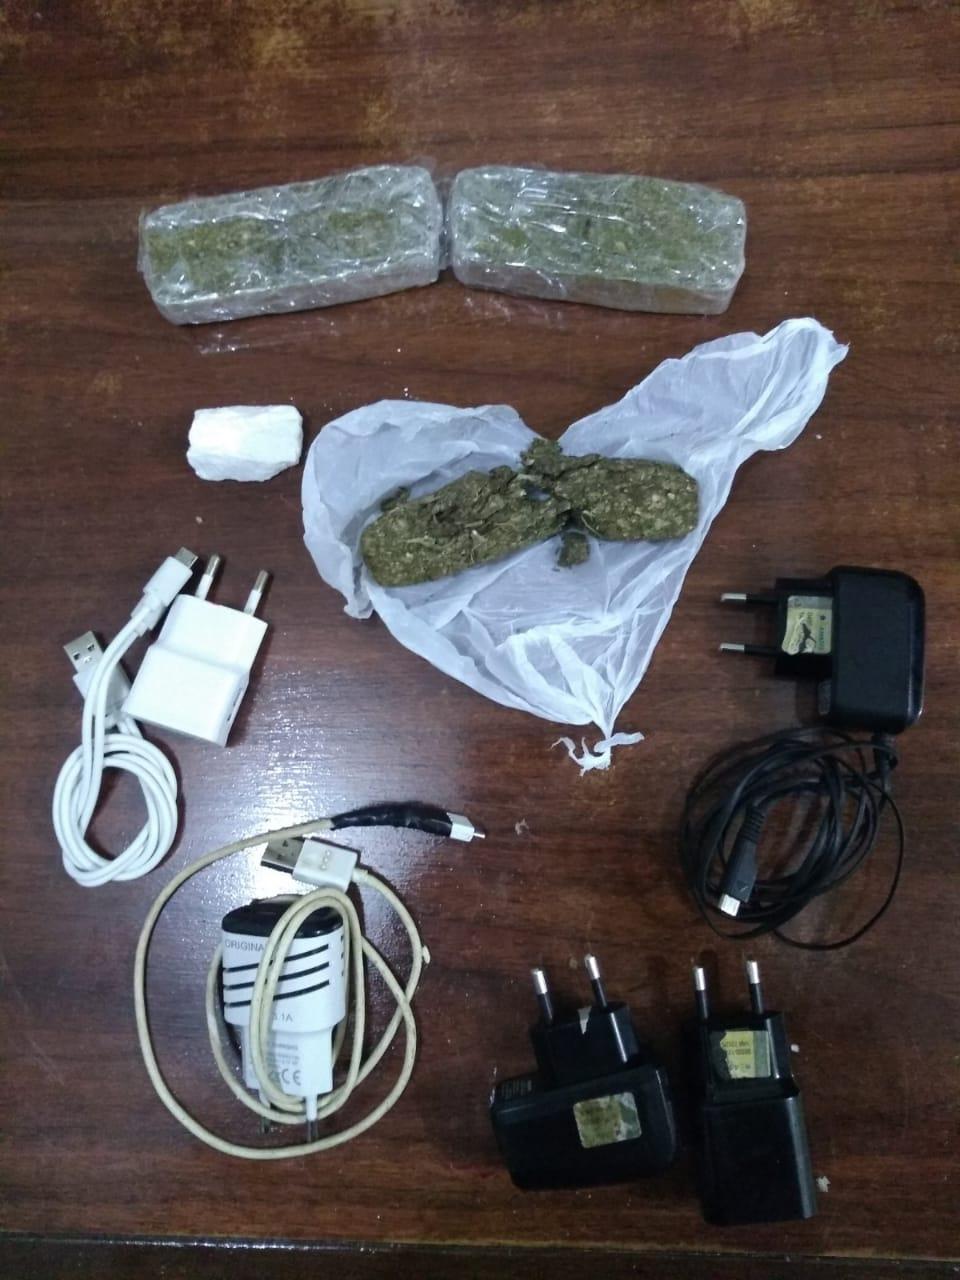 Agentes interceptam arremesso de maconha e carregadores de celular no Presídio de Agudo